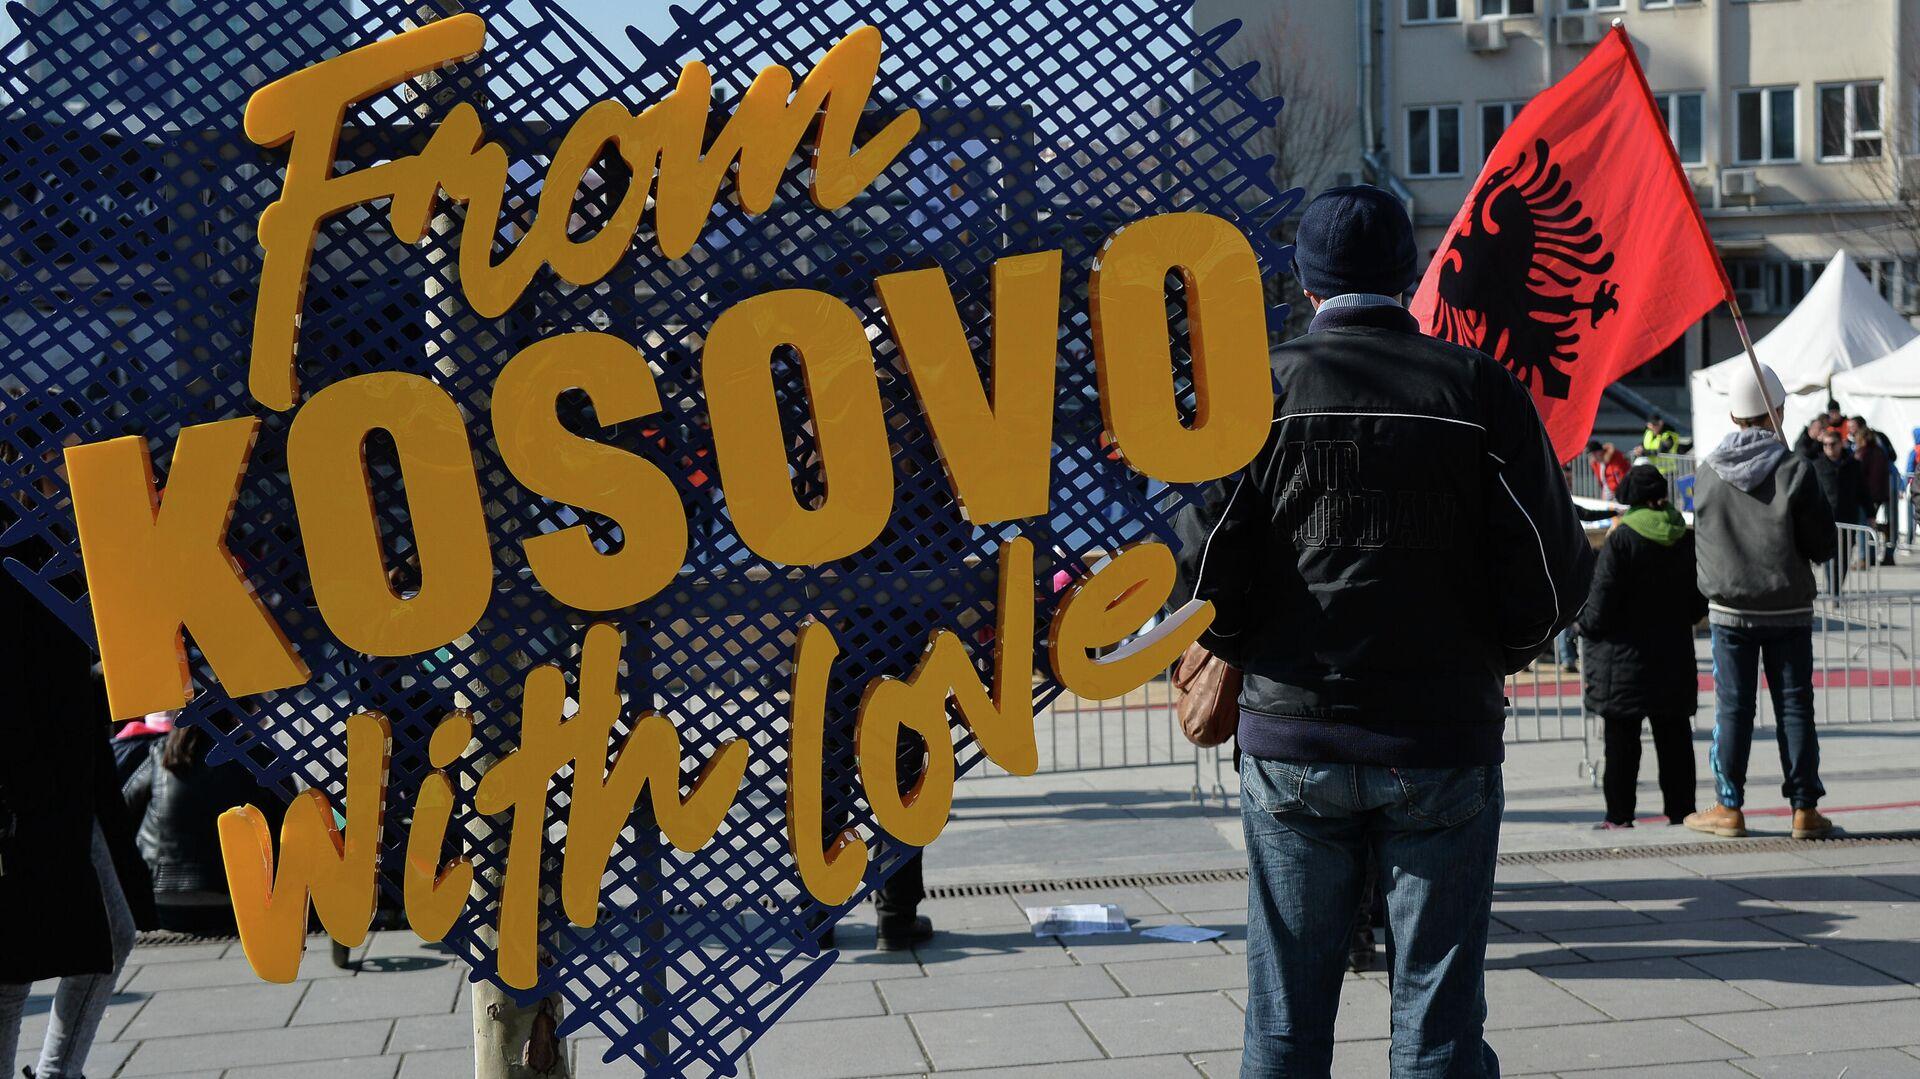 Участники праздничных мероприятий, посвященных 10-летию независимости Косово в Приштине - РИА Новости, 1920, 14.02.2021